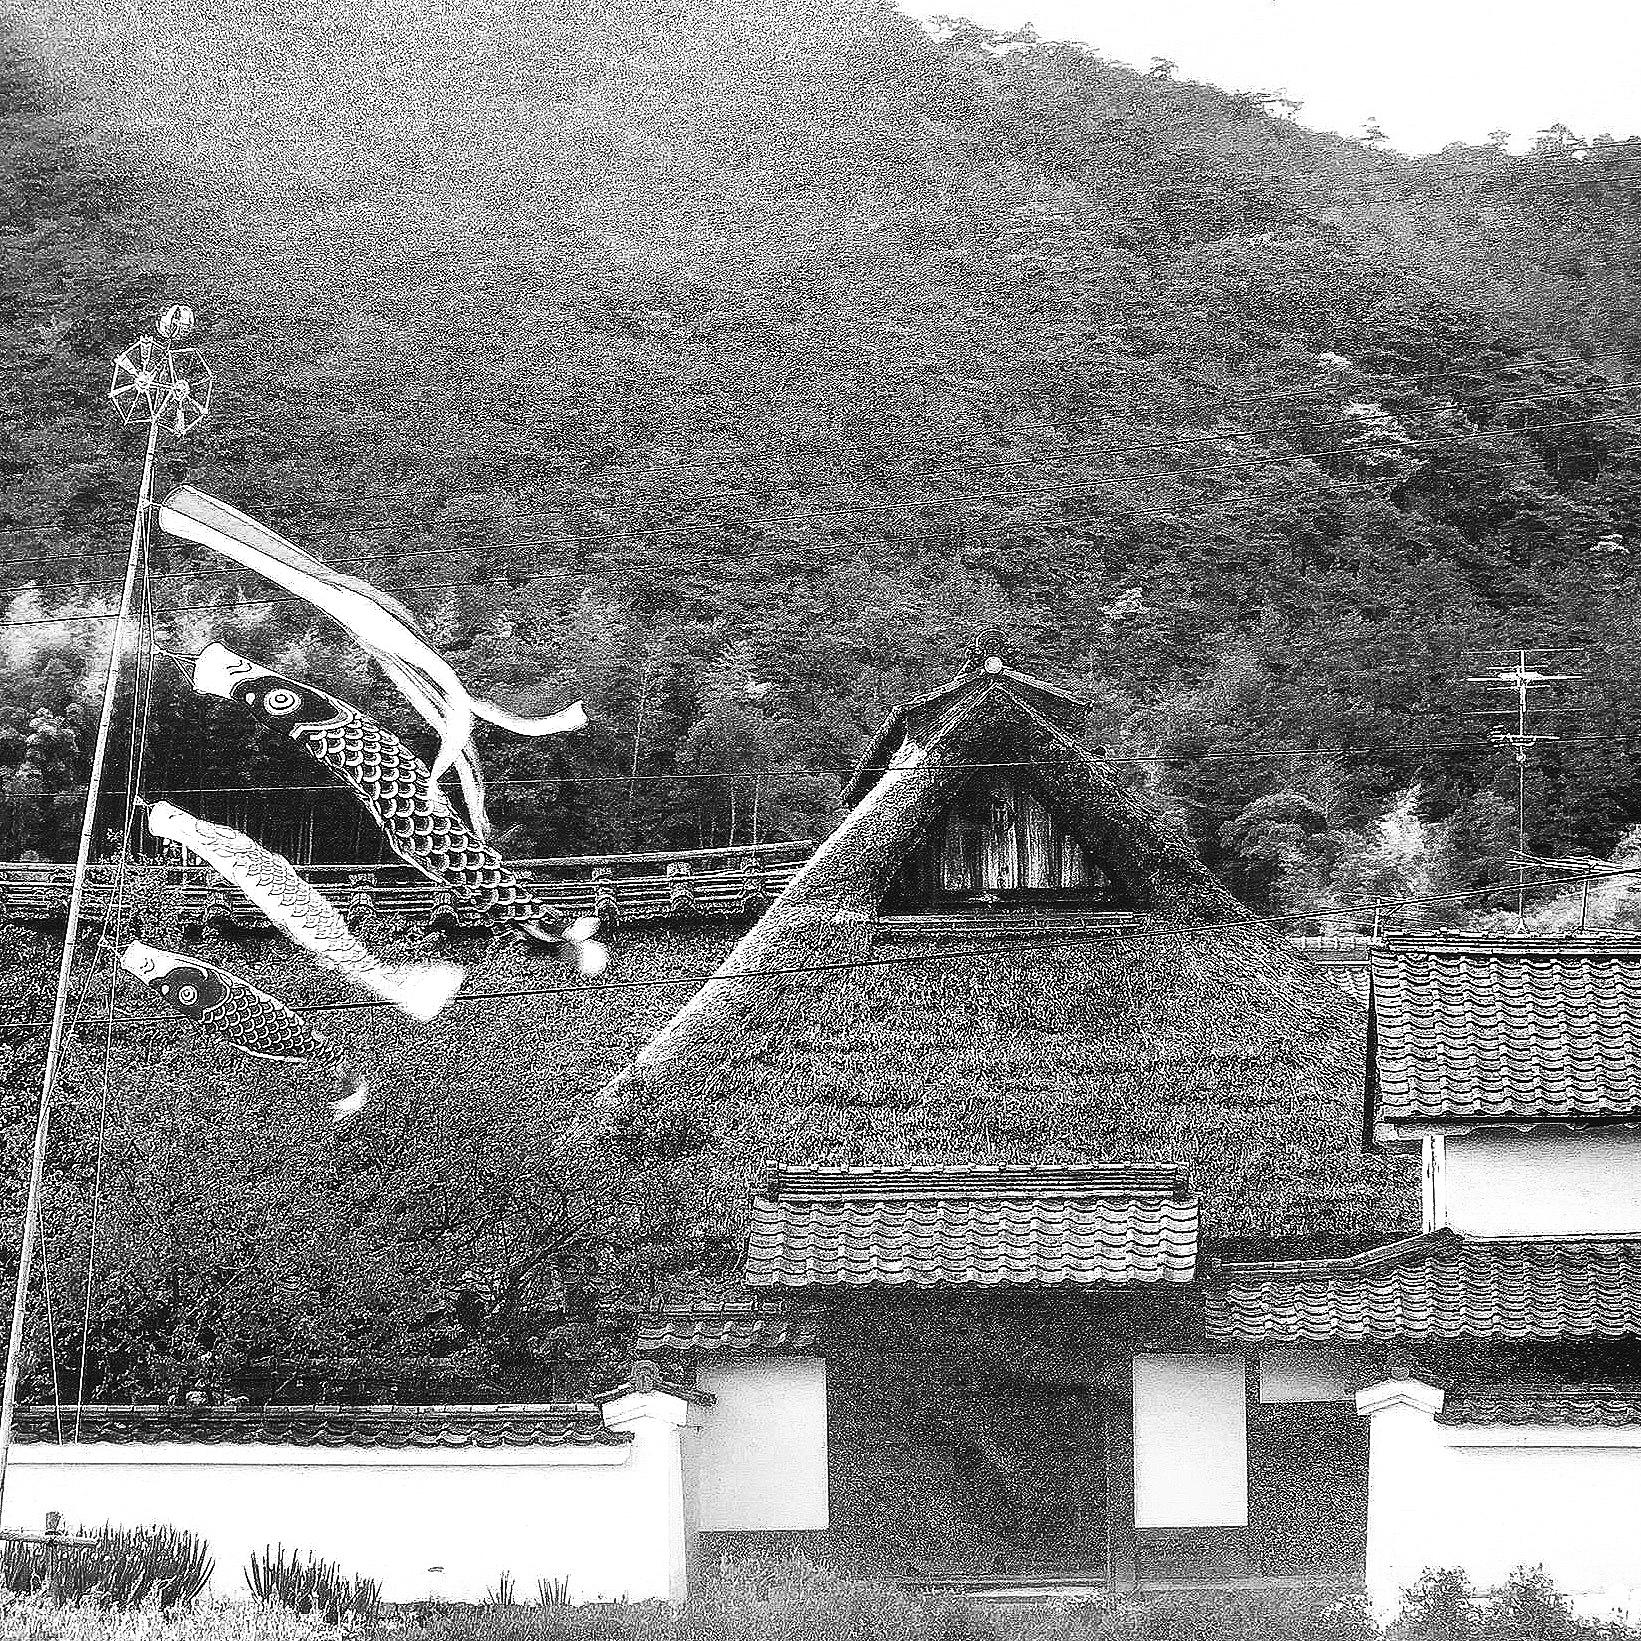 旧井上家 - 江戸中期からの築400年の豪農の民家と庭園を修復(京都市右京区 2019年)